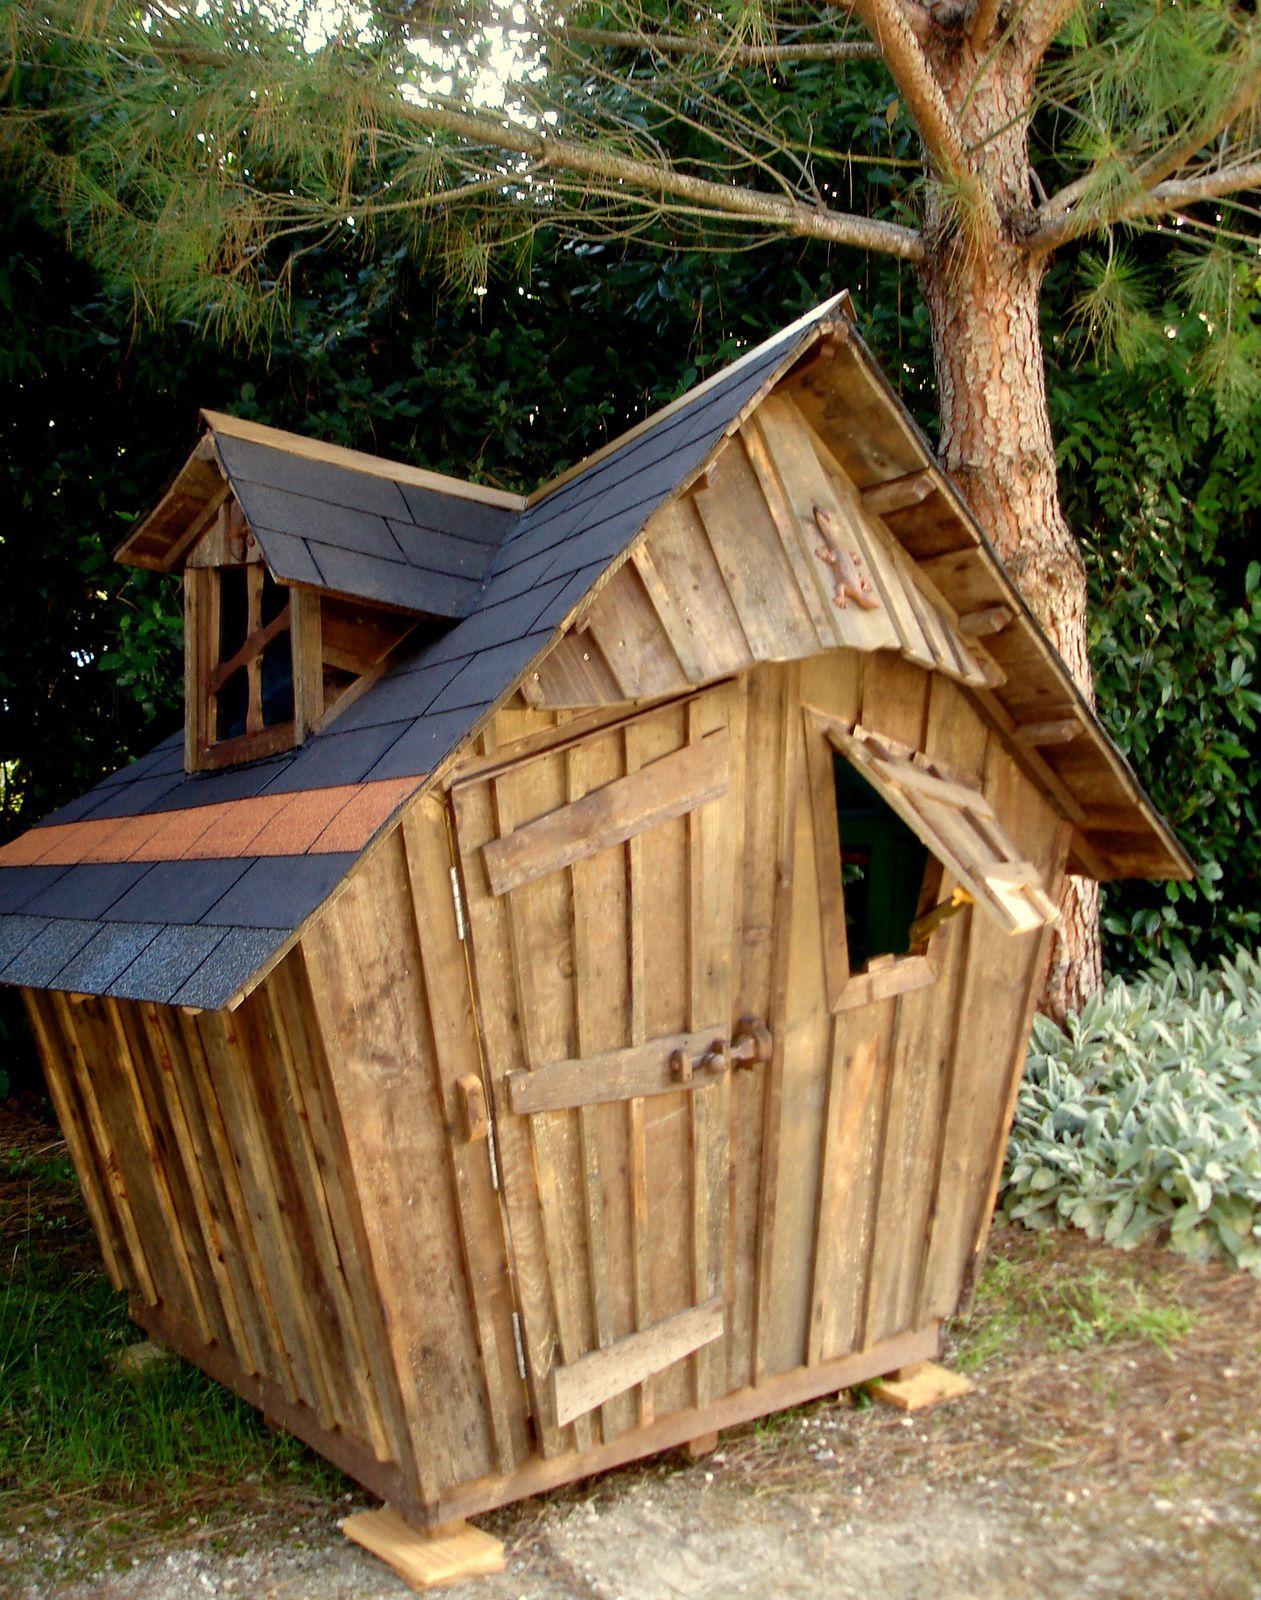 la cabane en bois l zarde vieille dehors et jeune. Black Bedroom Furniture Sets. Home Design Ideas